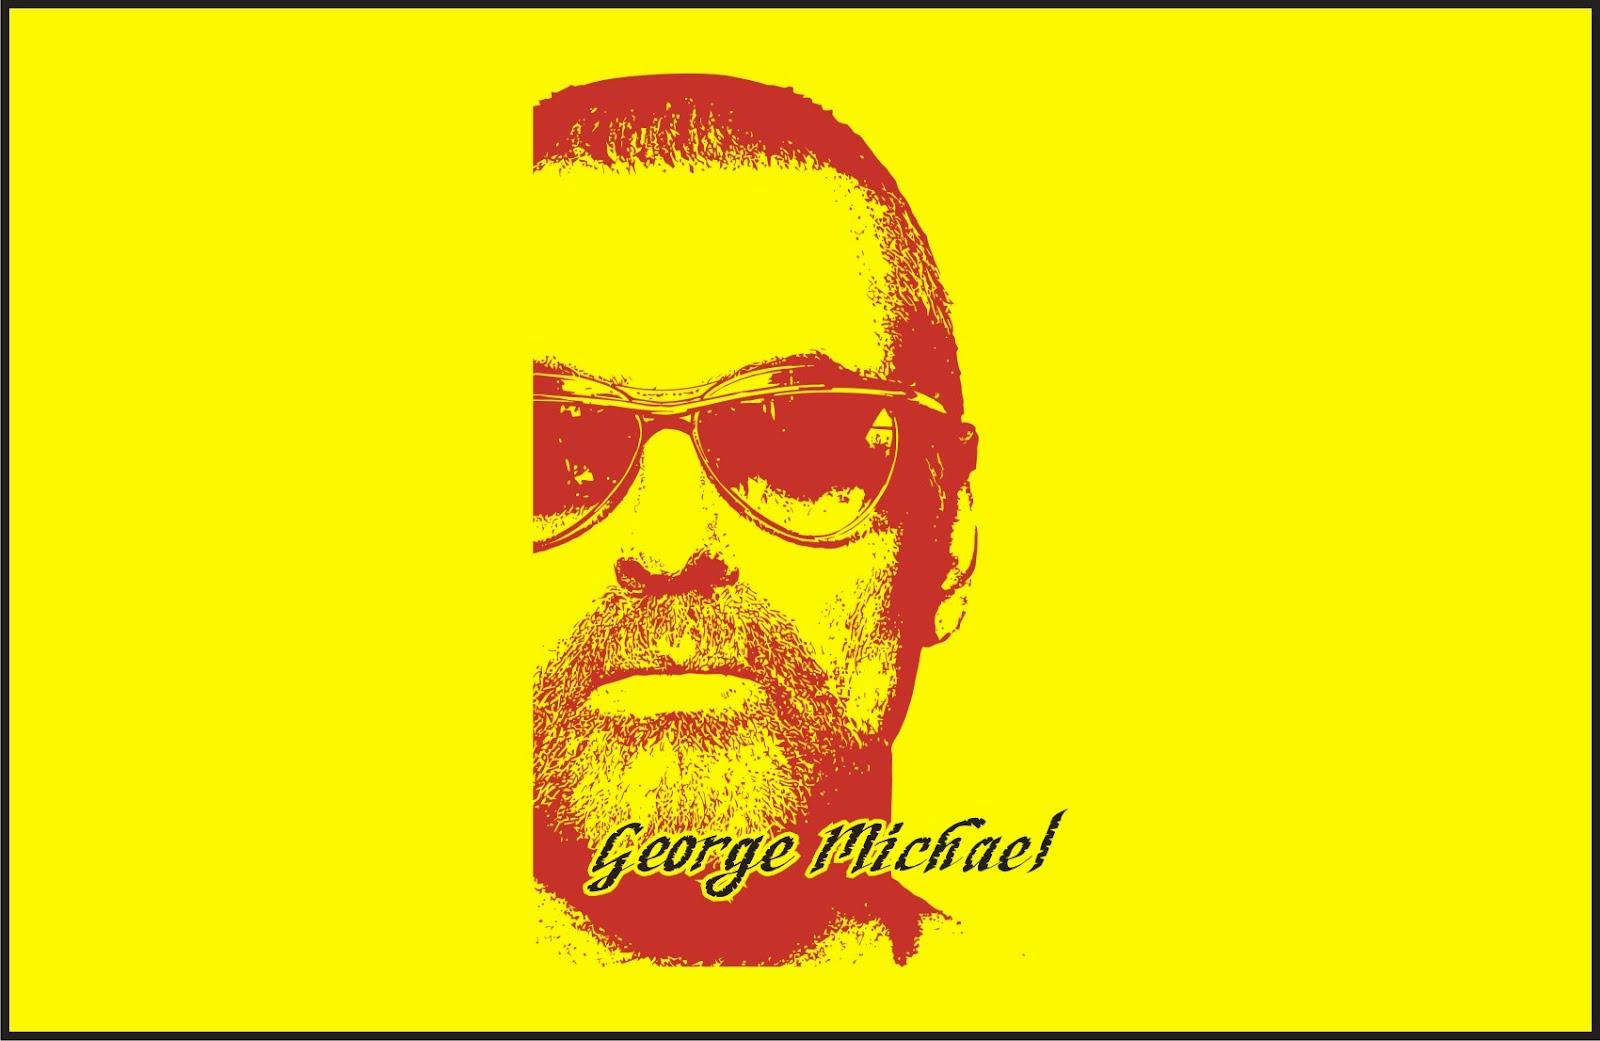 http://2.bp.blogspot.com/-v4_RJjNupiU/T08H7LlQvWI/AAAAAAAADnU/badyfCmmOMI/s1600/george_michael-george_michael-front.jpg